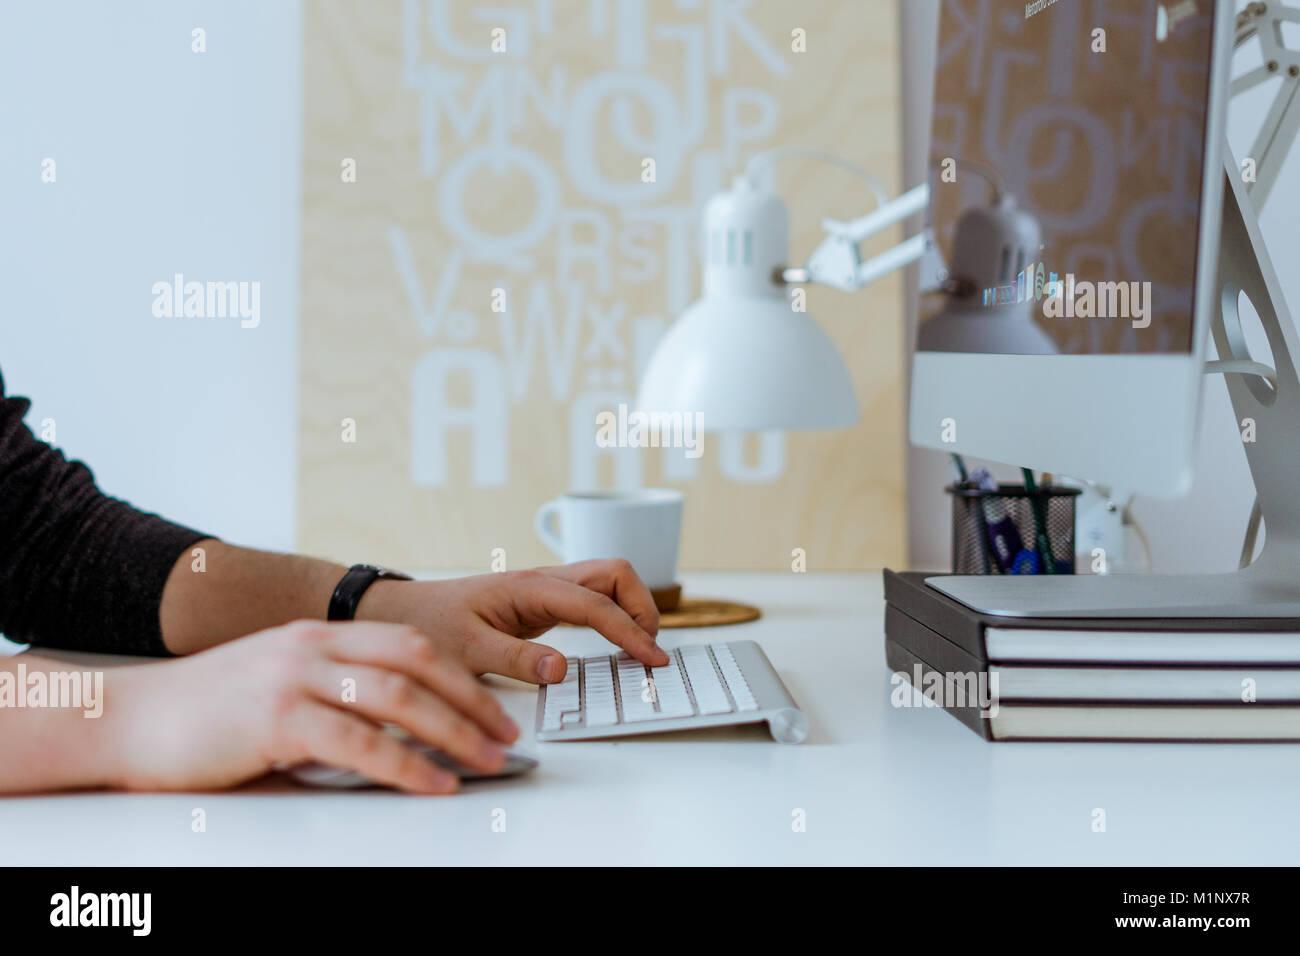 Il lavoro creativo sul computer in ufficio mentre si beve il caffè Immagini Stock